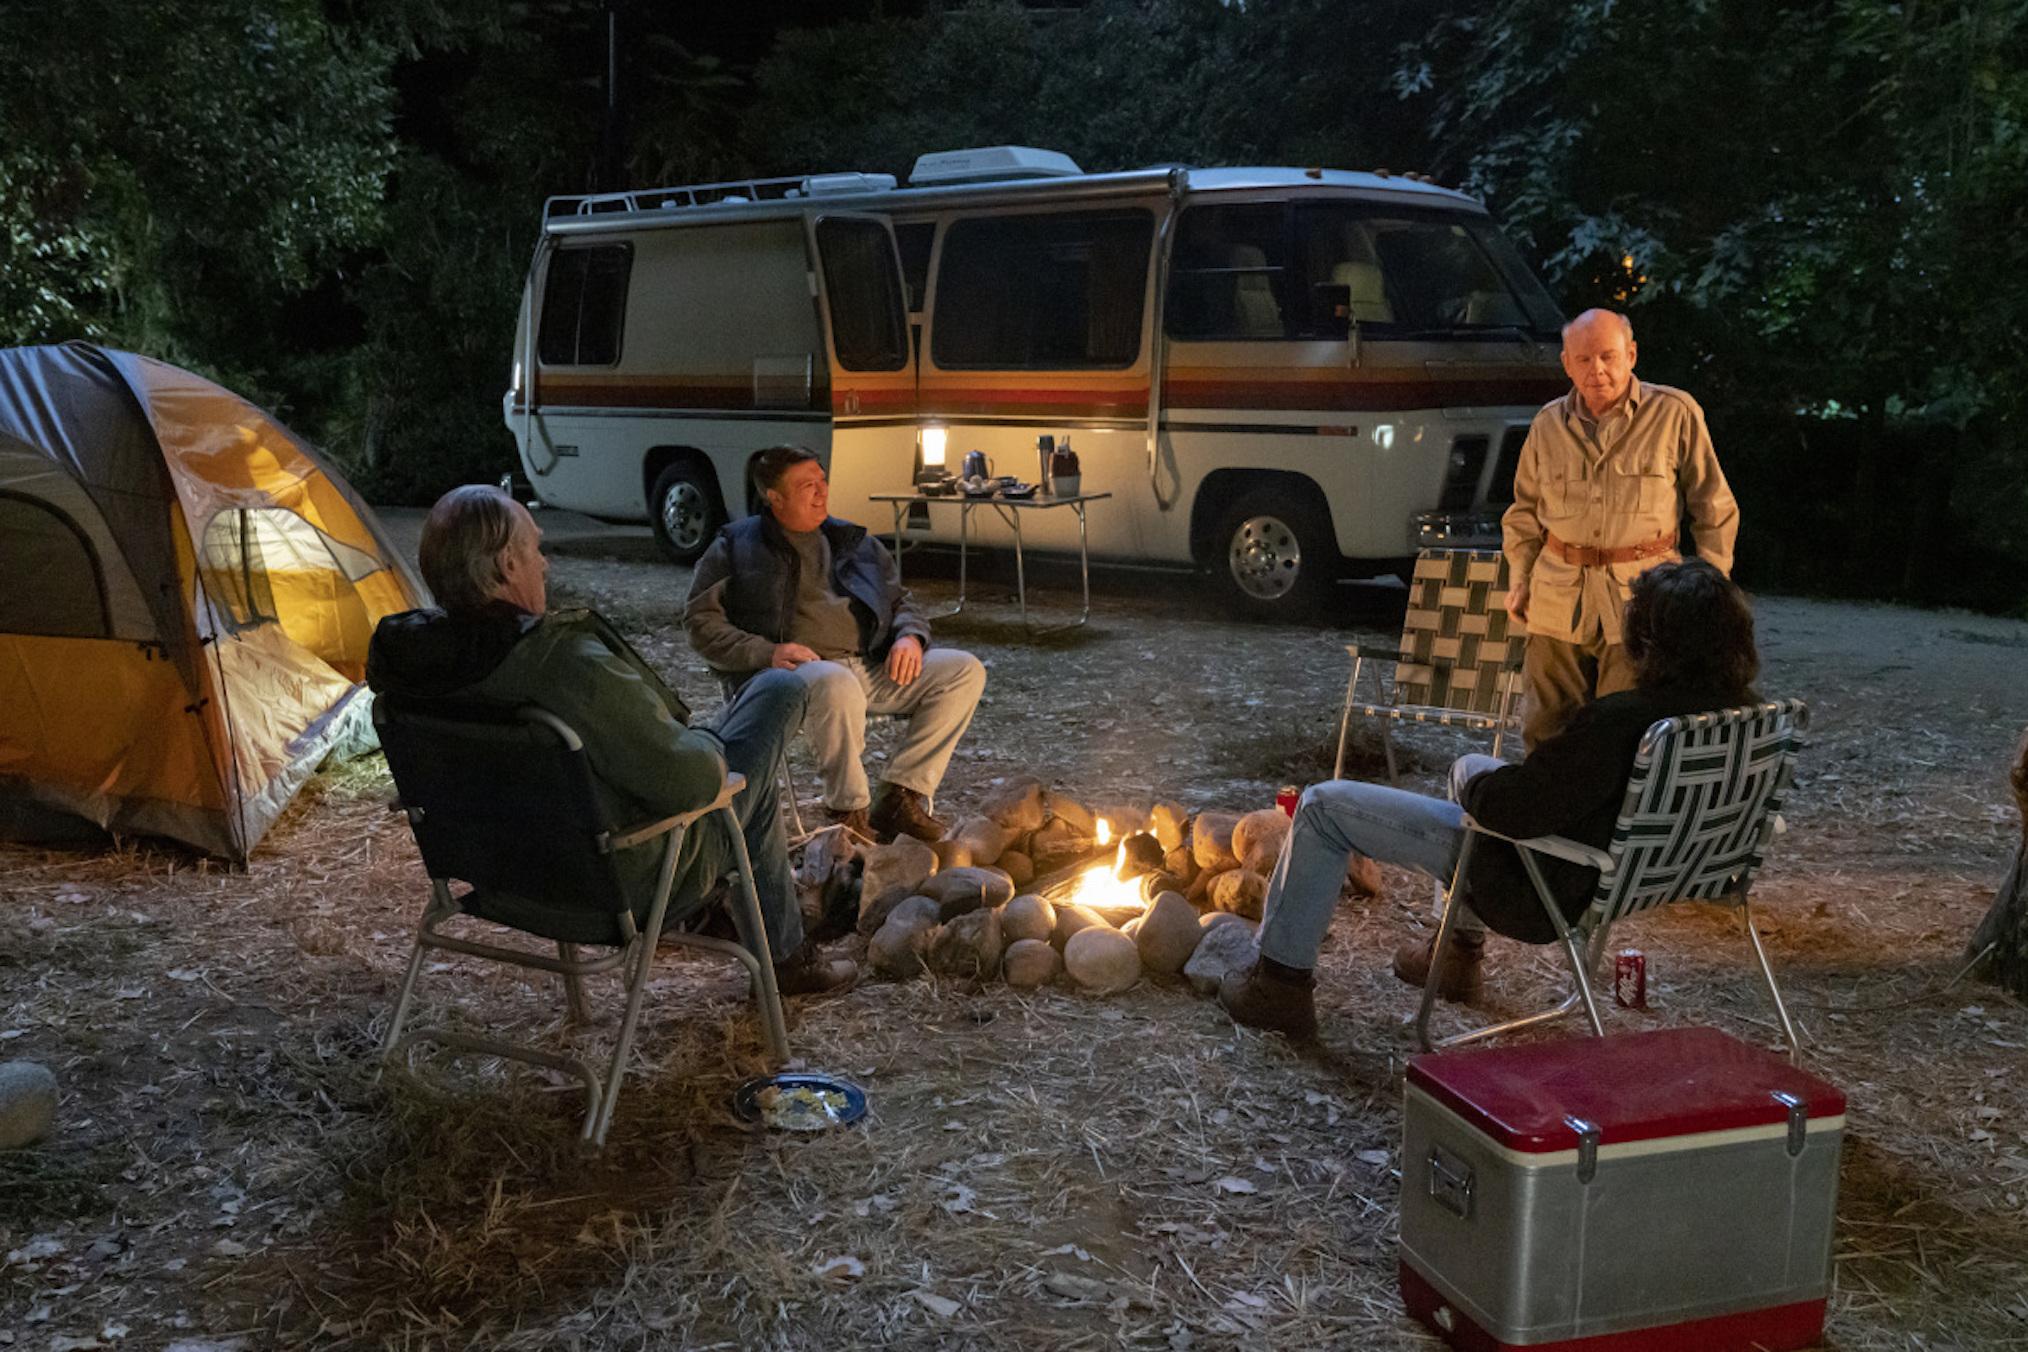 Young Sheldon Season 3 Episode 13 Camping Trip